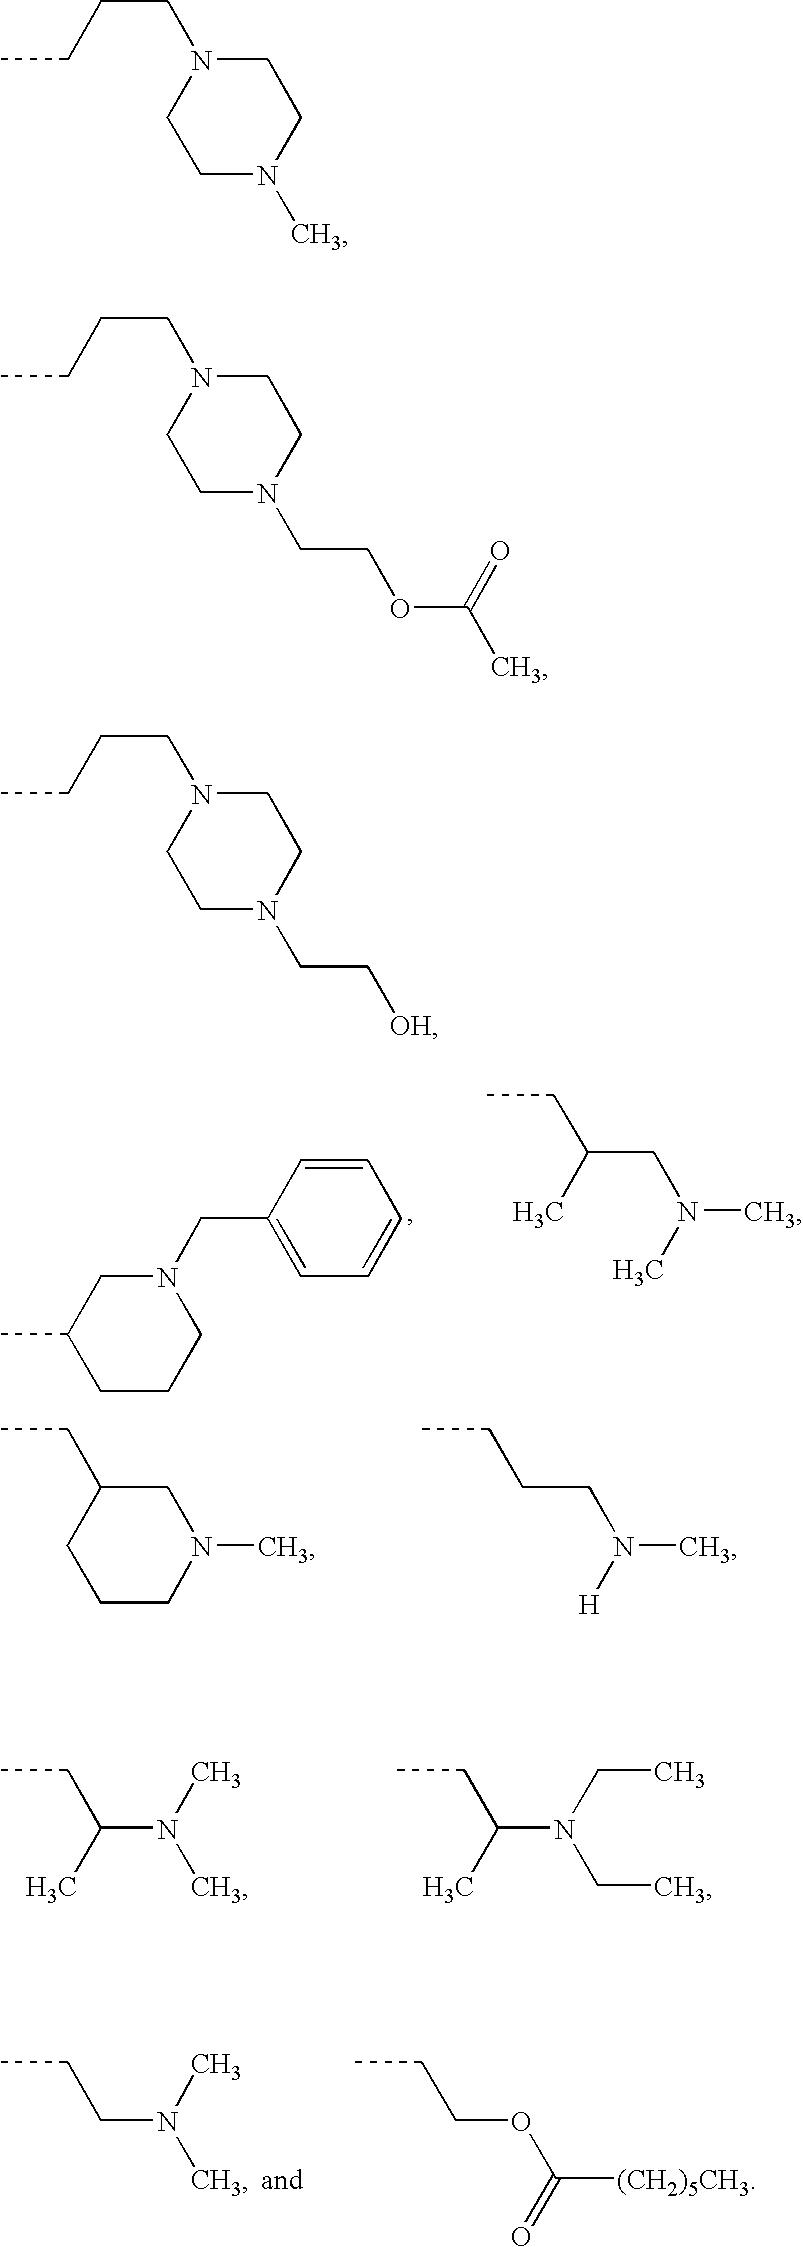 Figure US20070299043A1-20071227-C00200